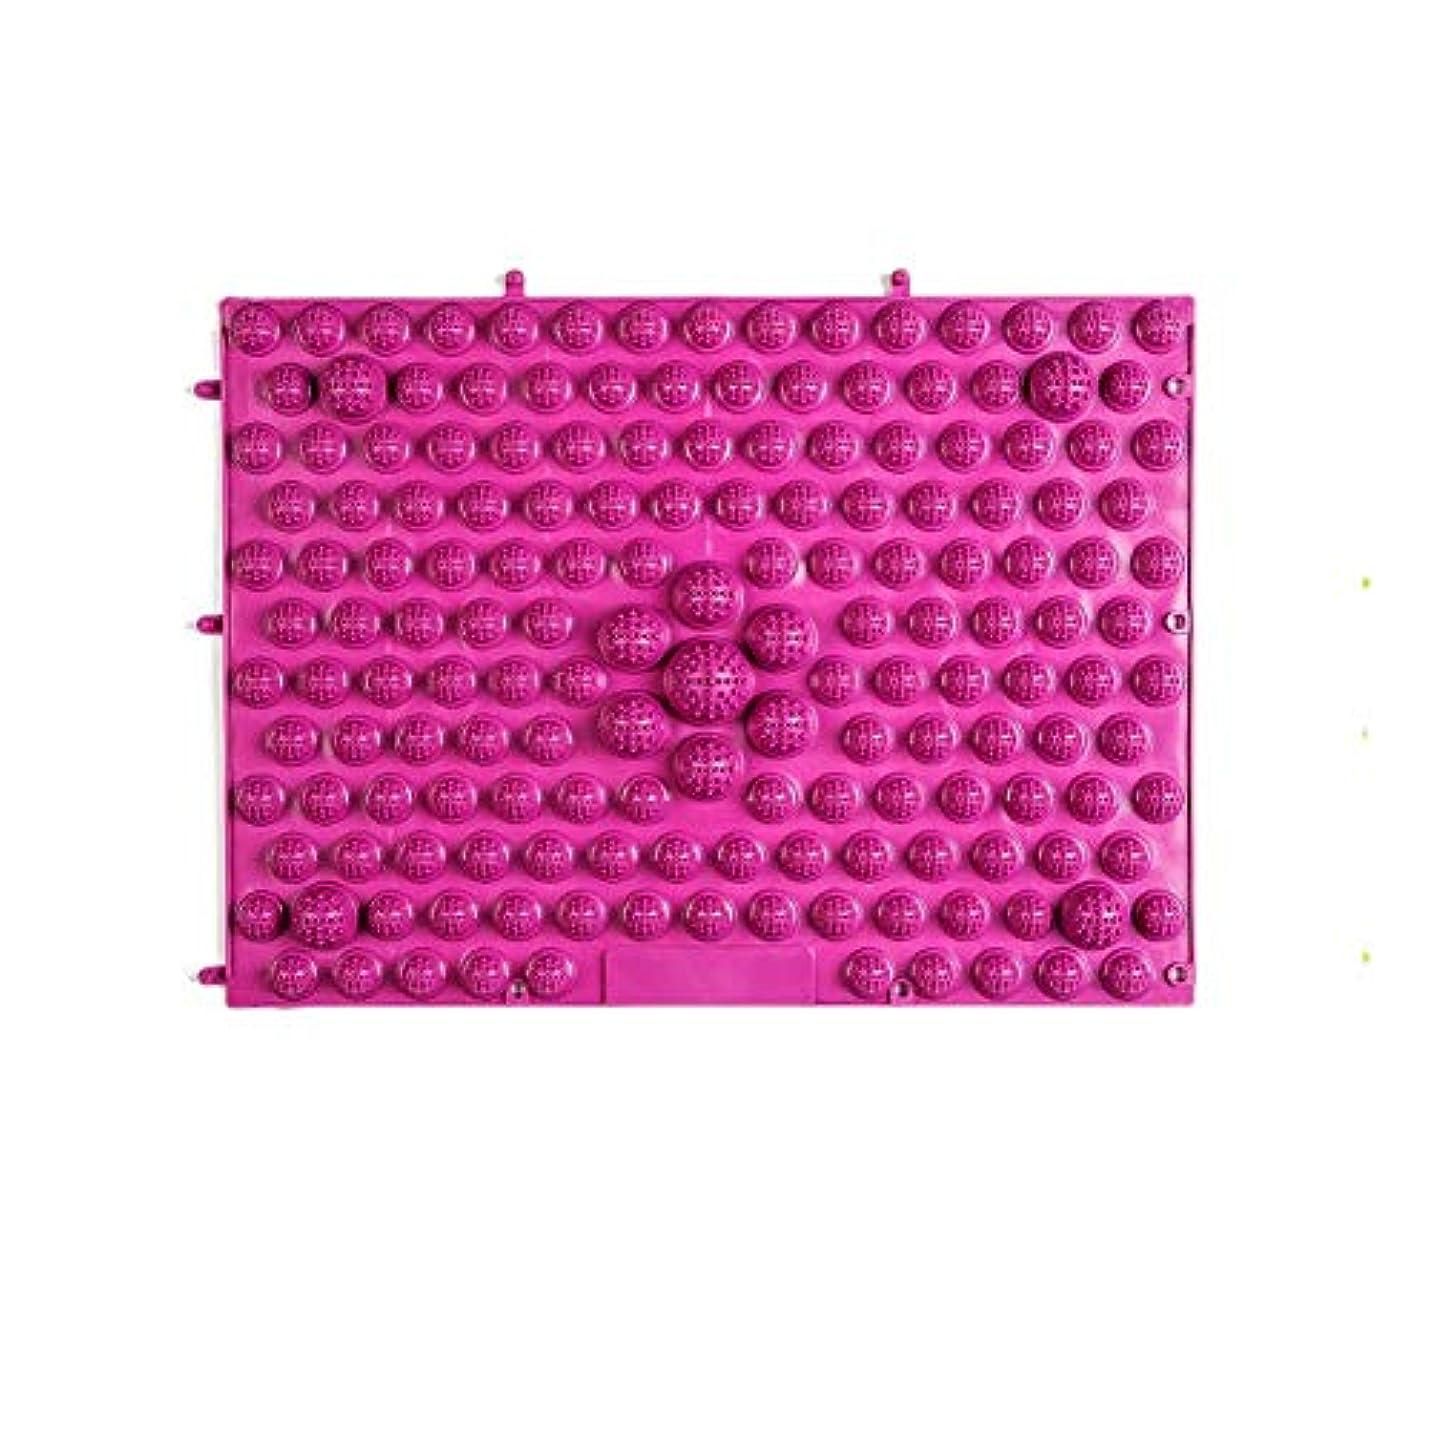 つぶす葡萄ほのめかすウォークマット 裏板セット(ABS樹脂製補強板付き) (レッド)